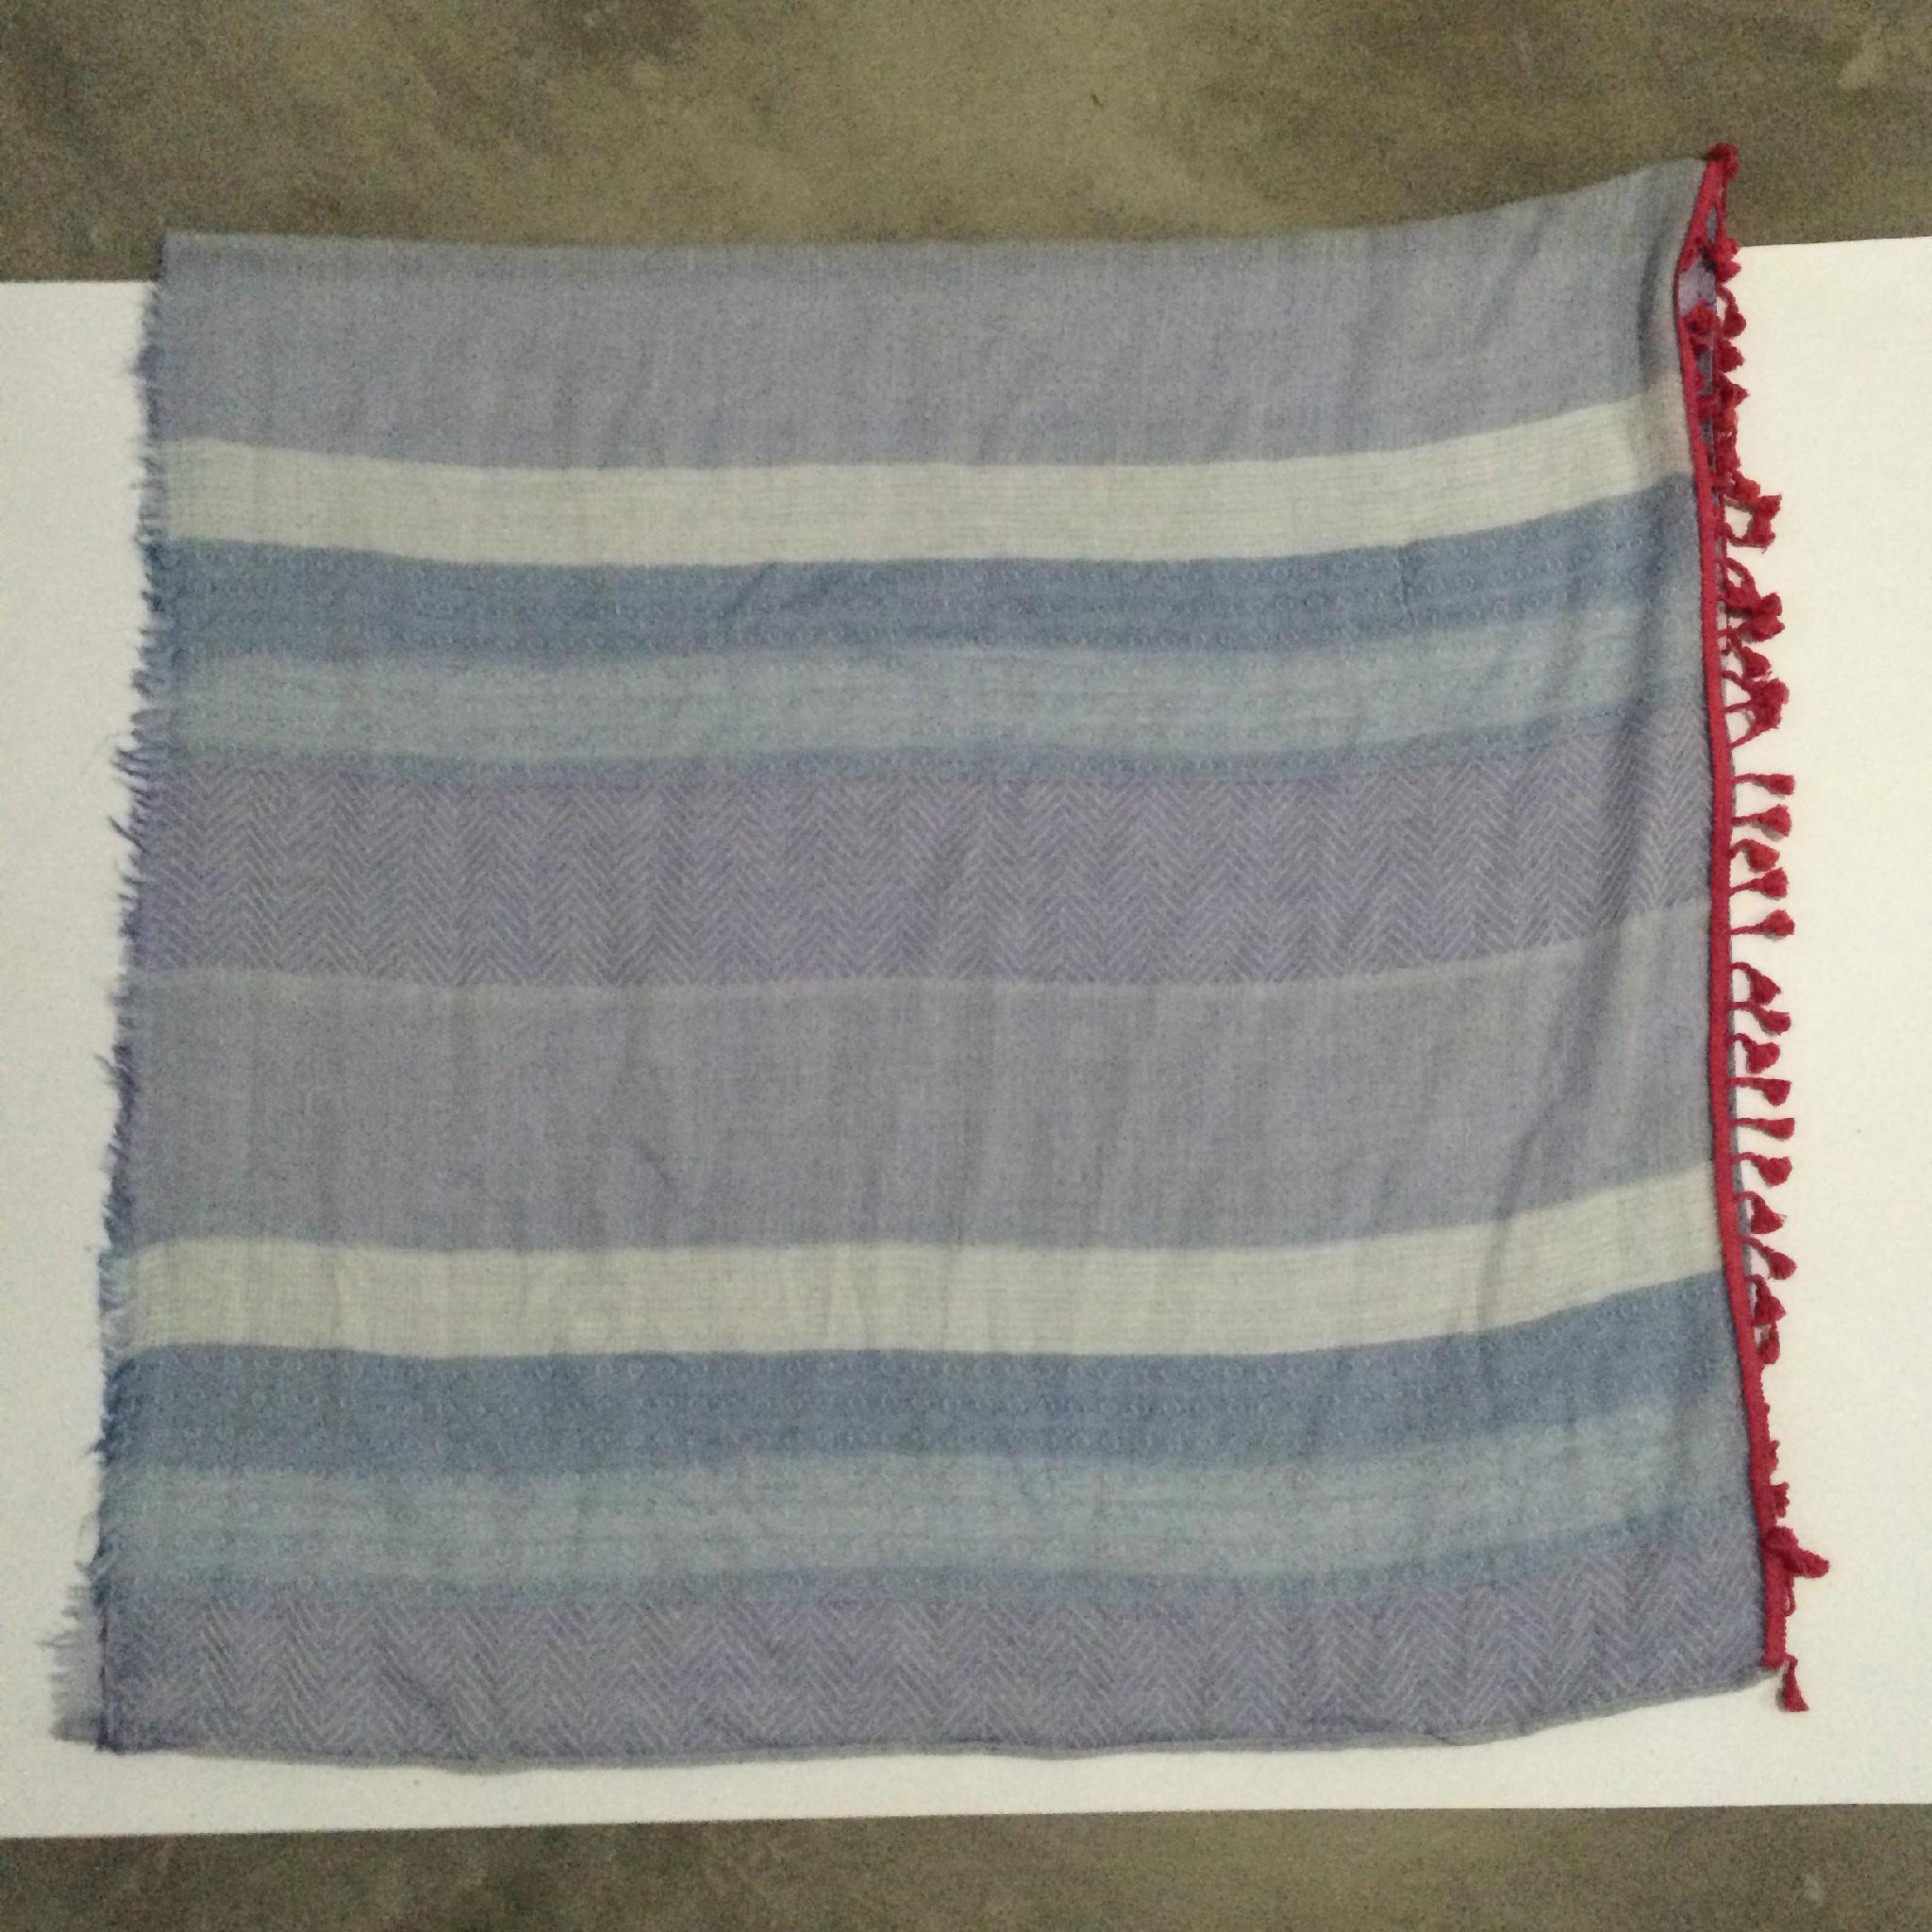 出售批发围巾羊绒围巾丝巾 5